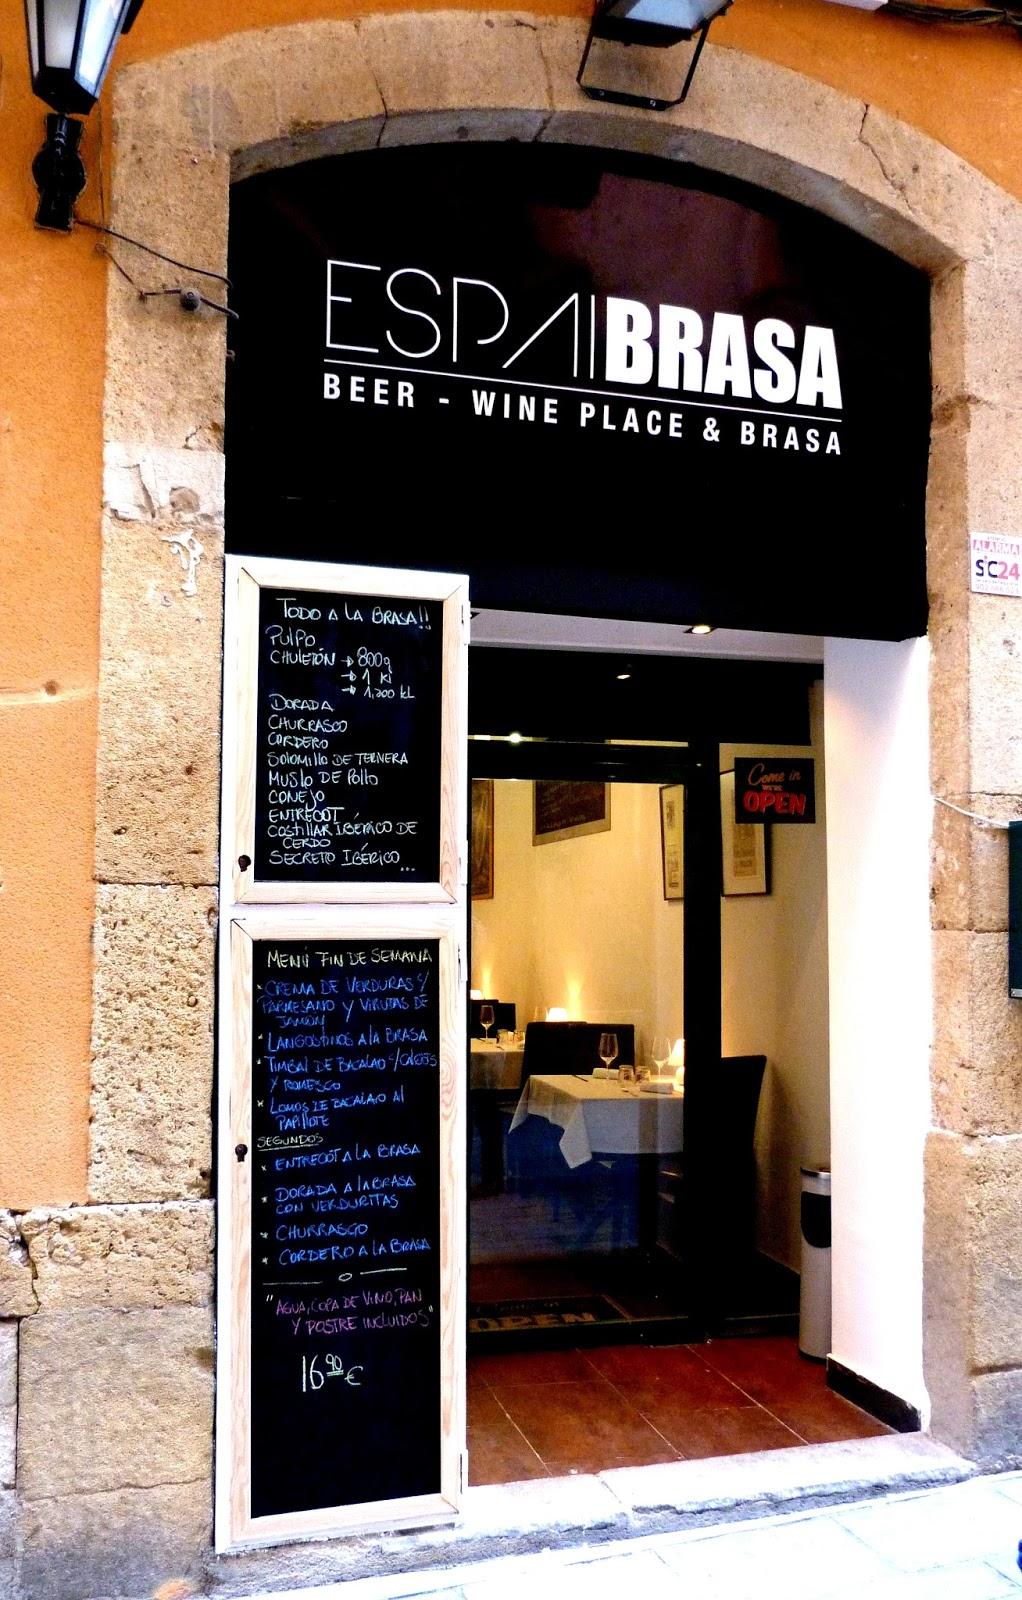 Espai-Brasa-tarragonain-Tarragona